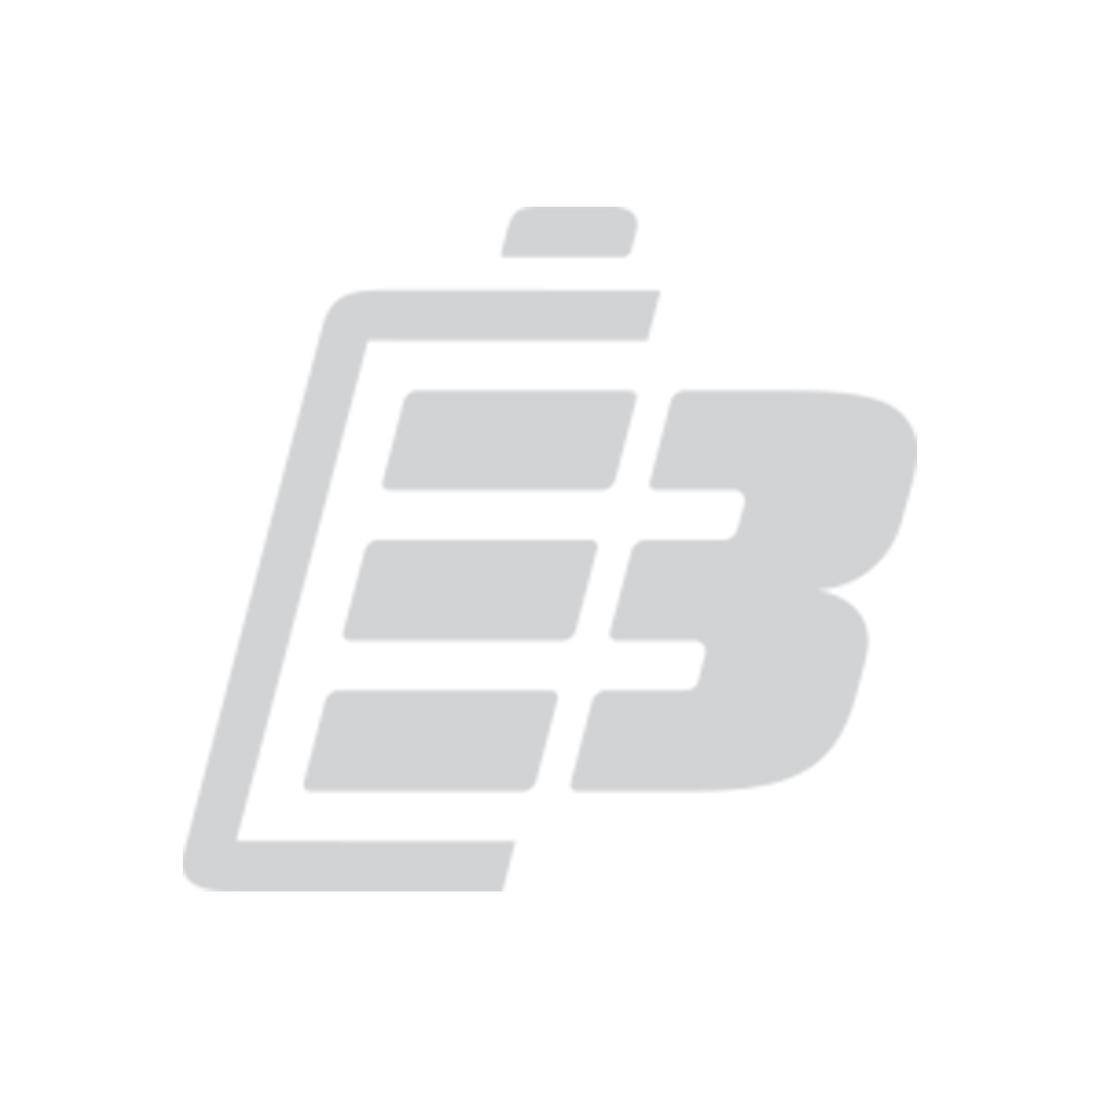 pan.cr123a